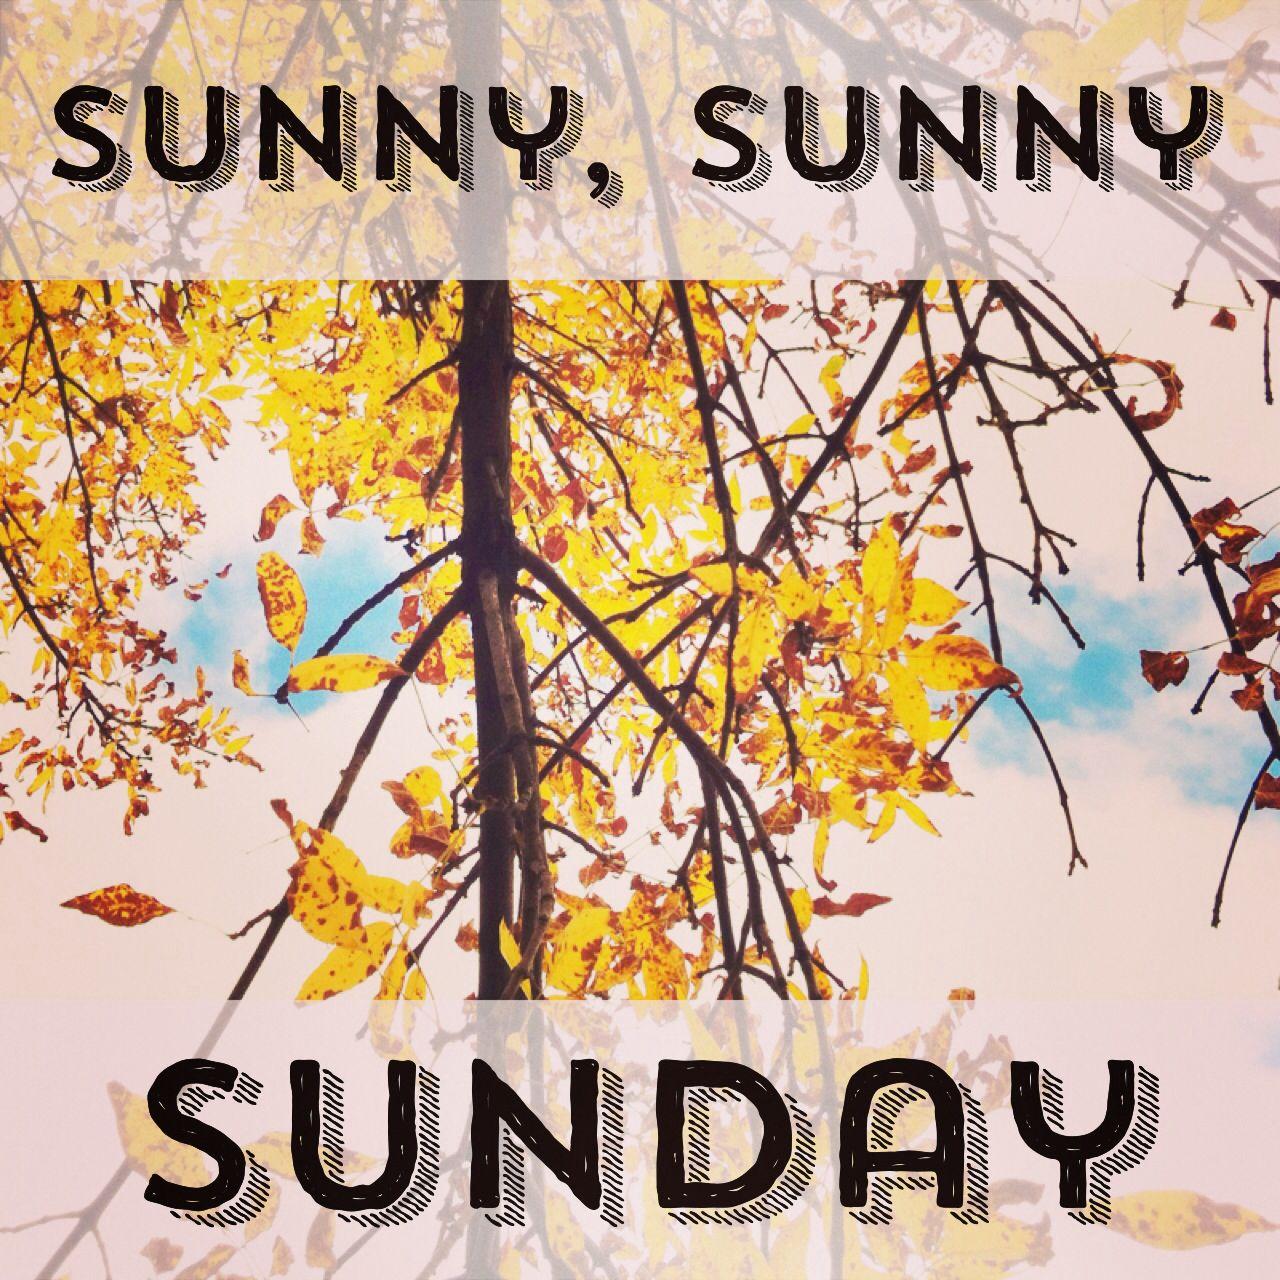 Sunny Sunday